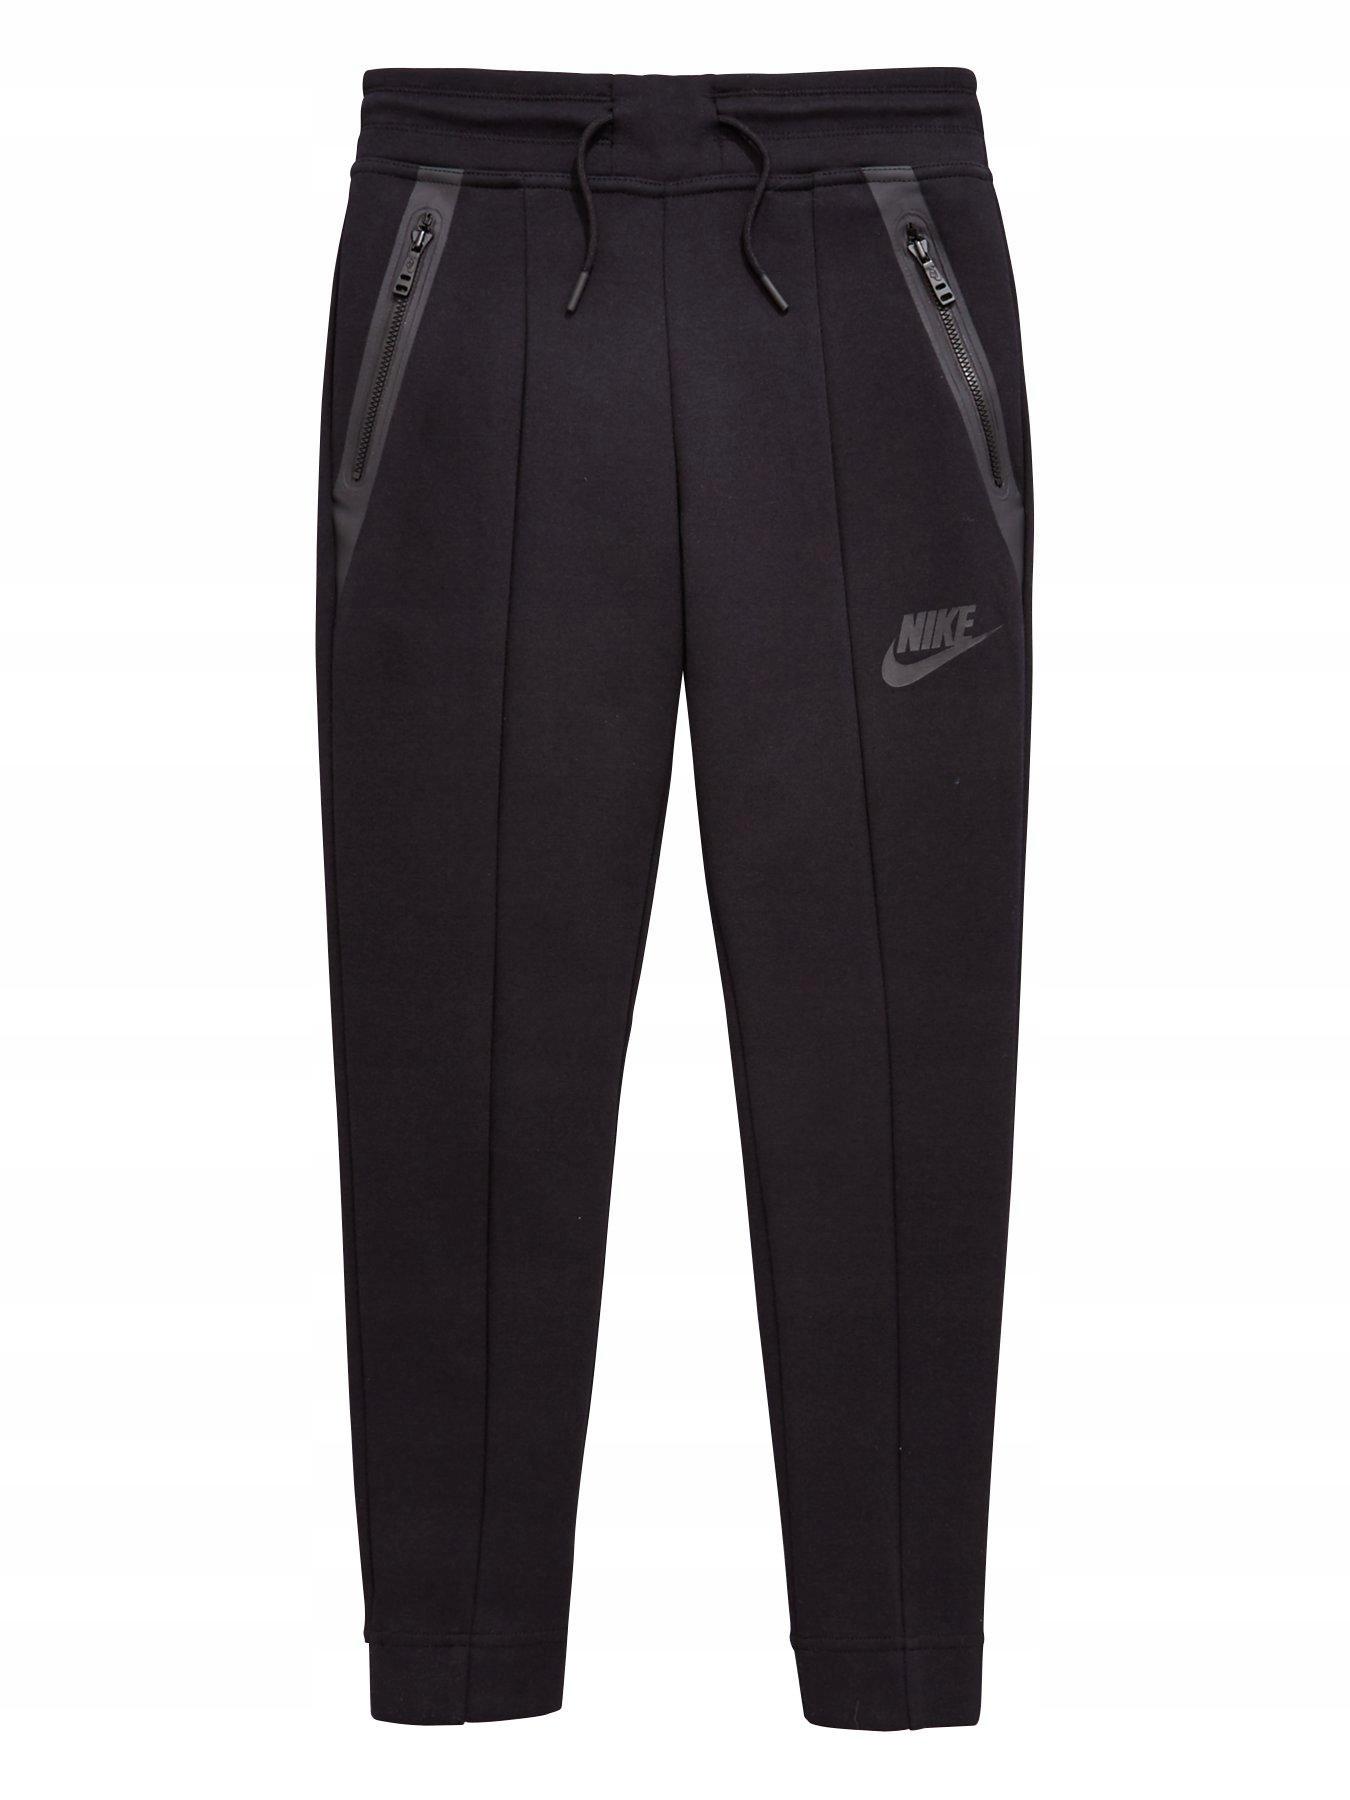 Nike bluza dresowa sliska 128 140cm